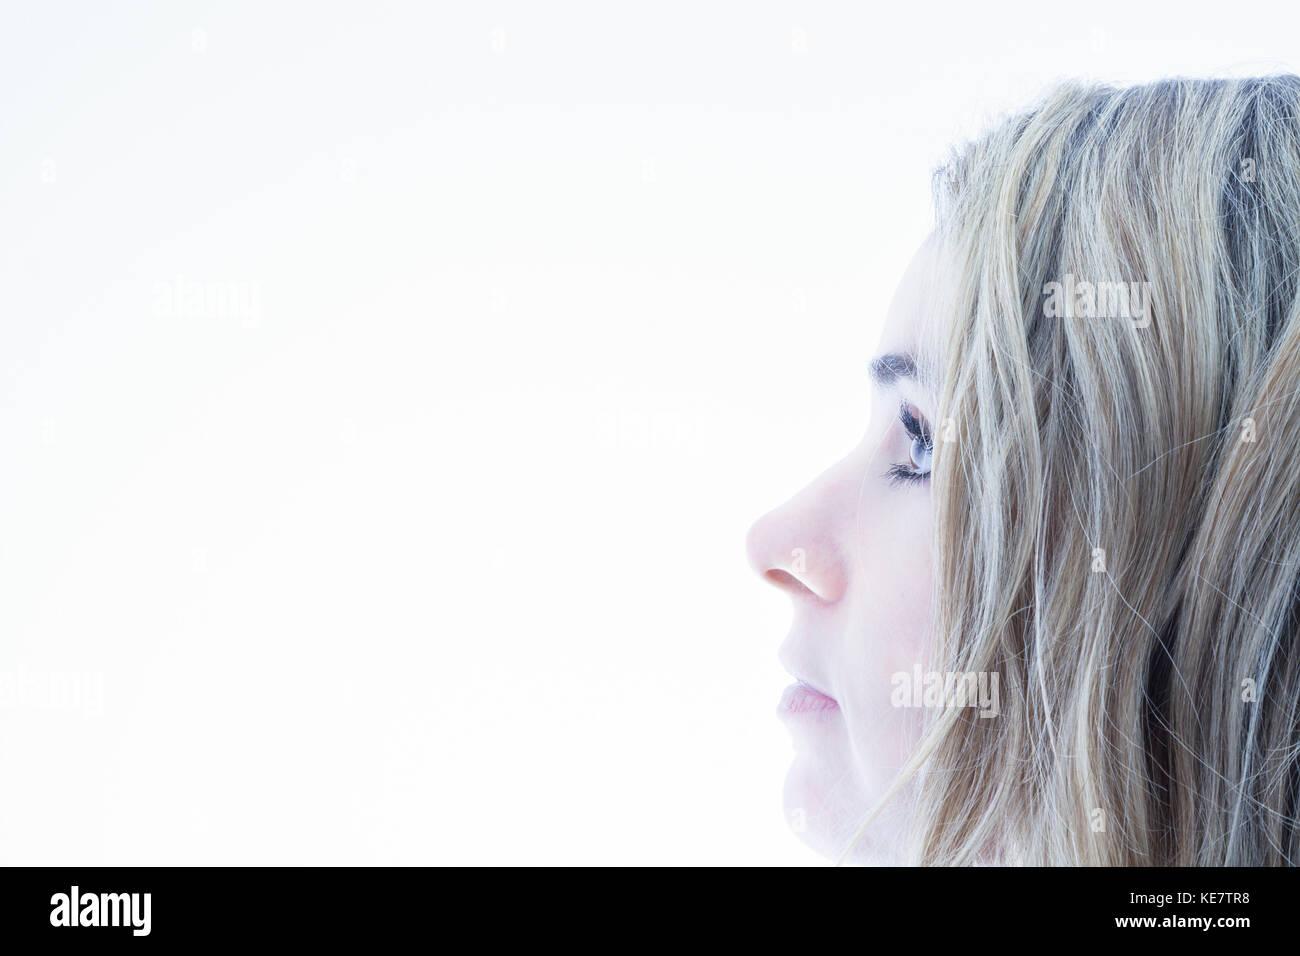 Profil d'un visage de femme aux cheveux blonds, Connecticut, États-Unis d'Amérique Banque D'Images